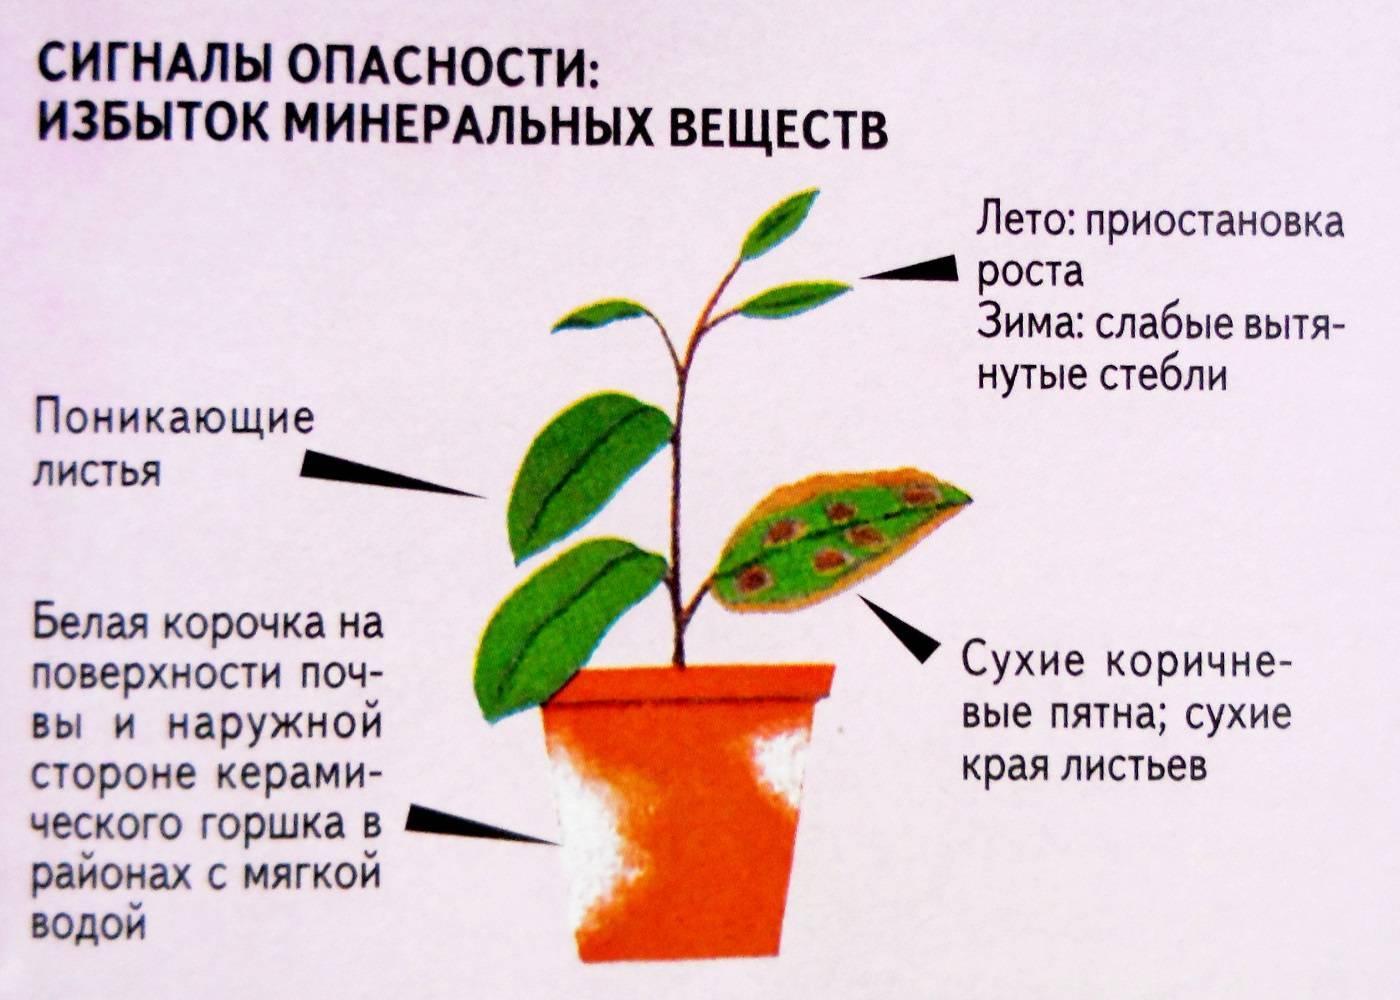 Фуксия: описание и фото. выращивание и размножение фуксии в домашних условиях.